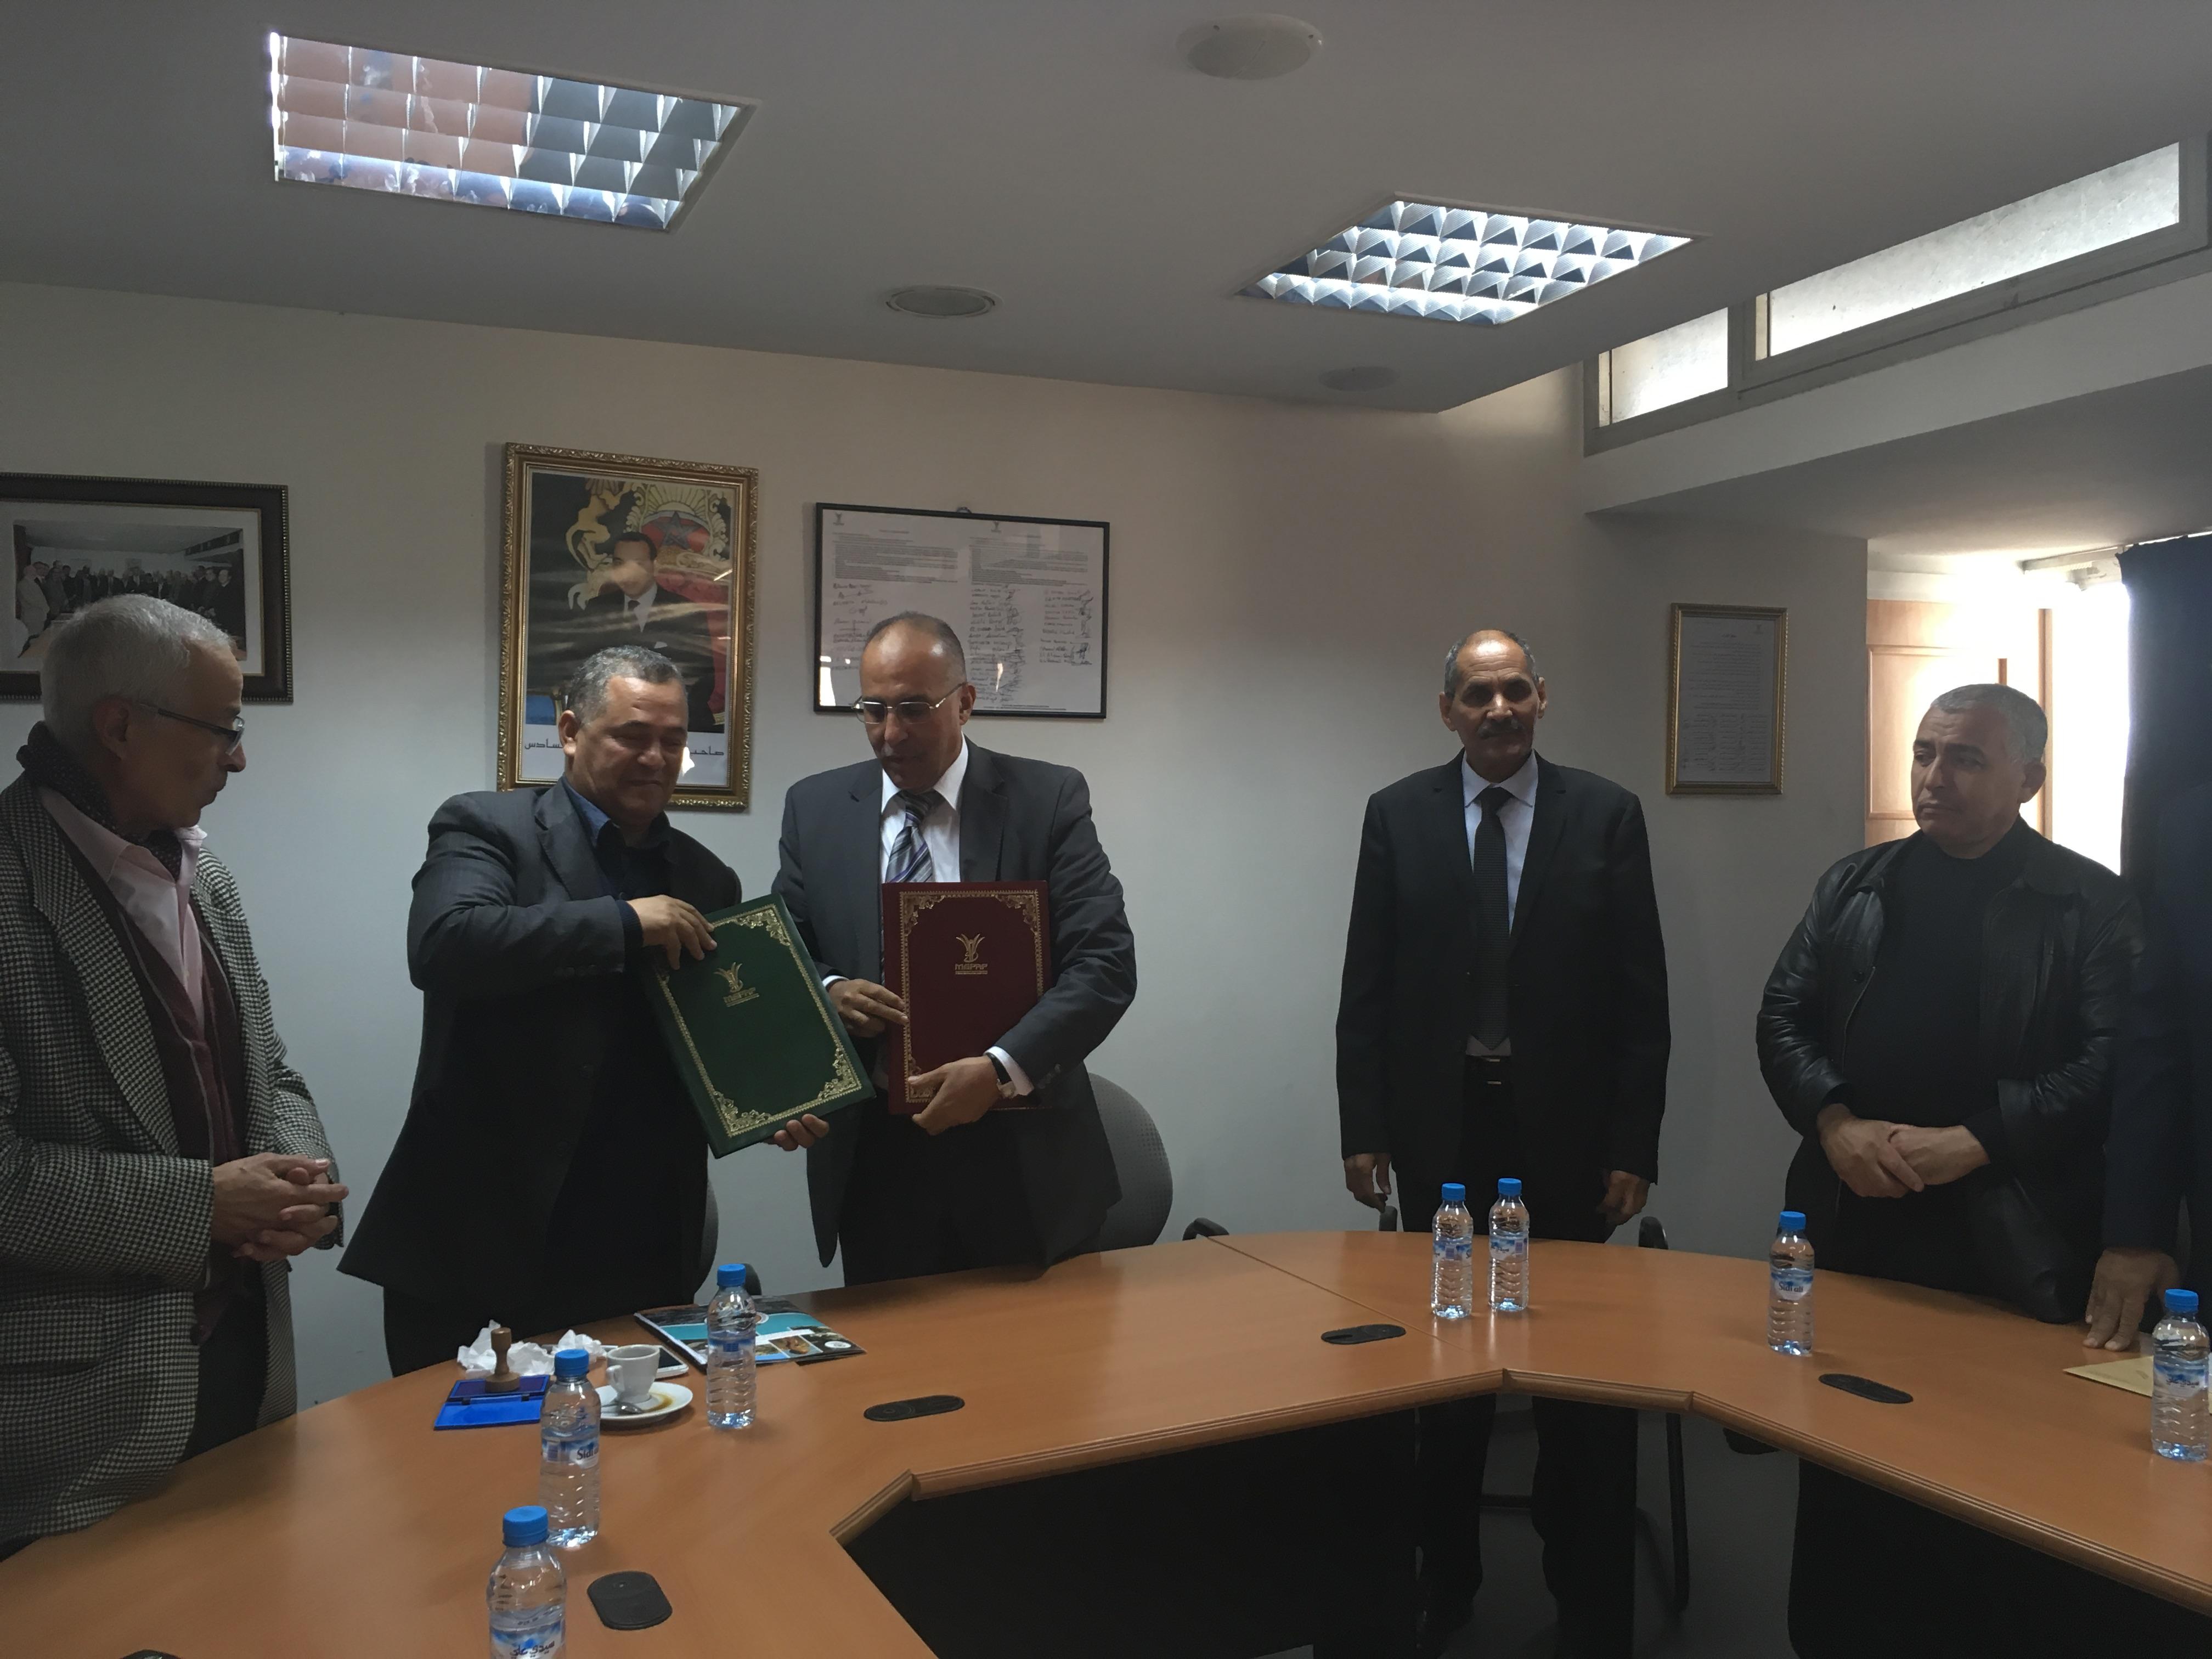 التعاضدية العامة والاقتصاد الاجتماعي والتضامني المغربي يتكتلان ويوقعان اتفاقية تعاون